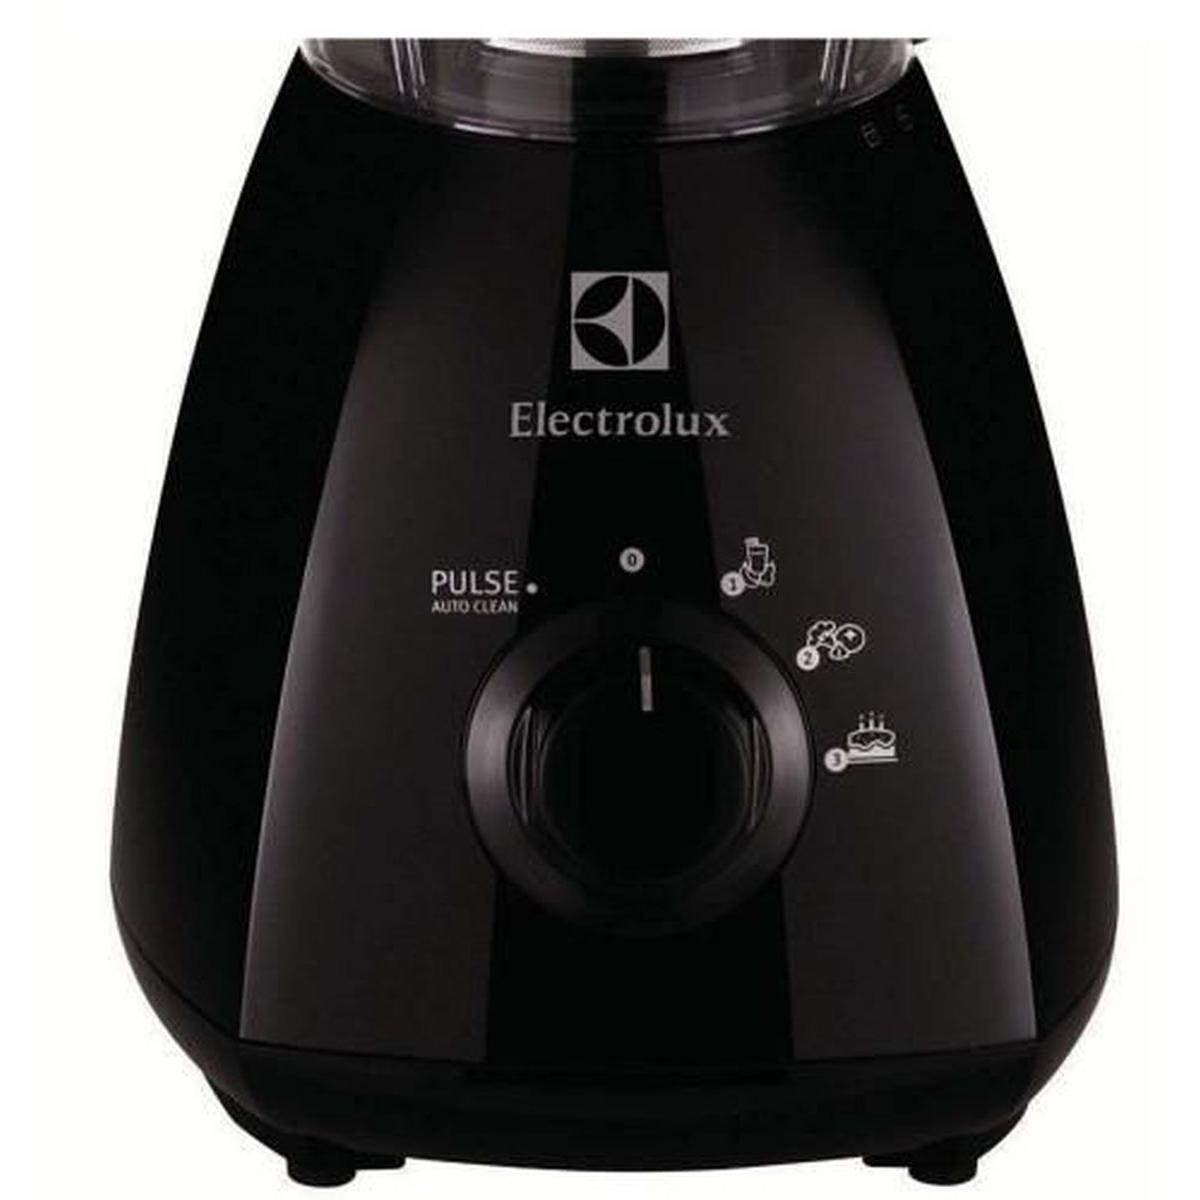 Liquidificador Easyline BBR12 3 velocidades 127V Electrolux